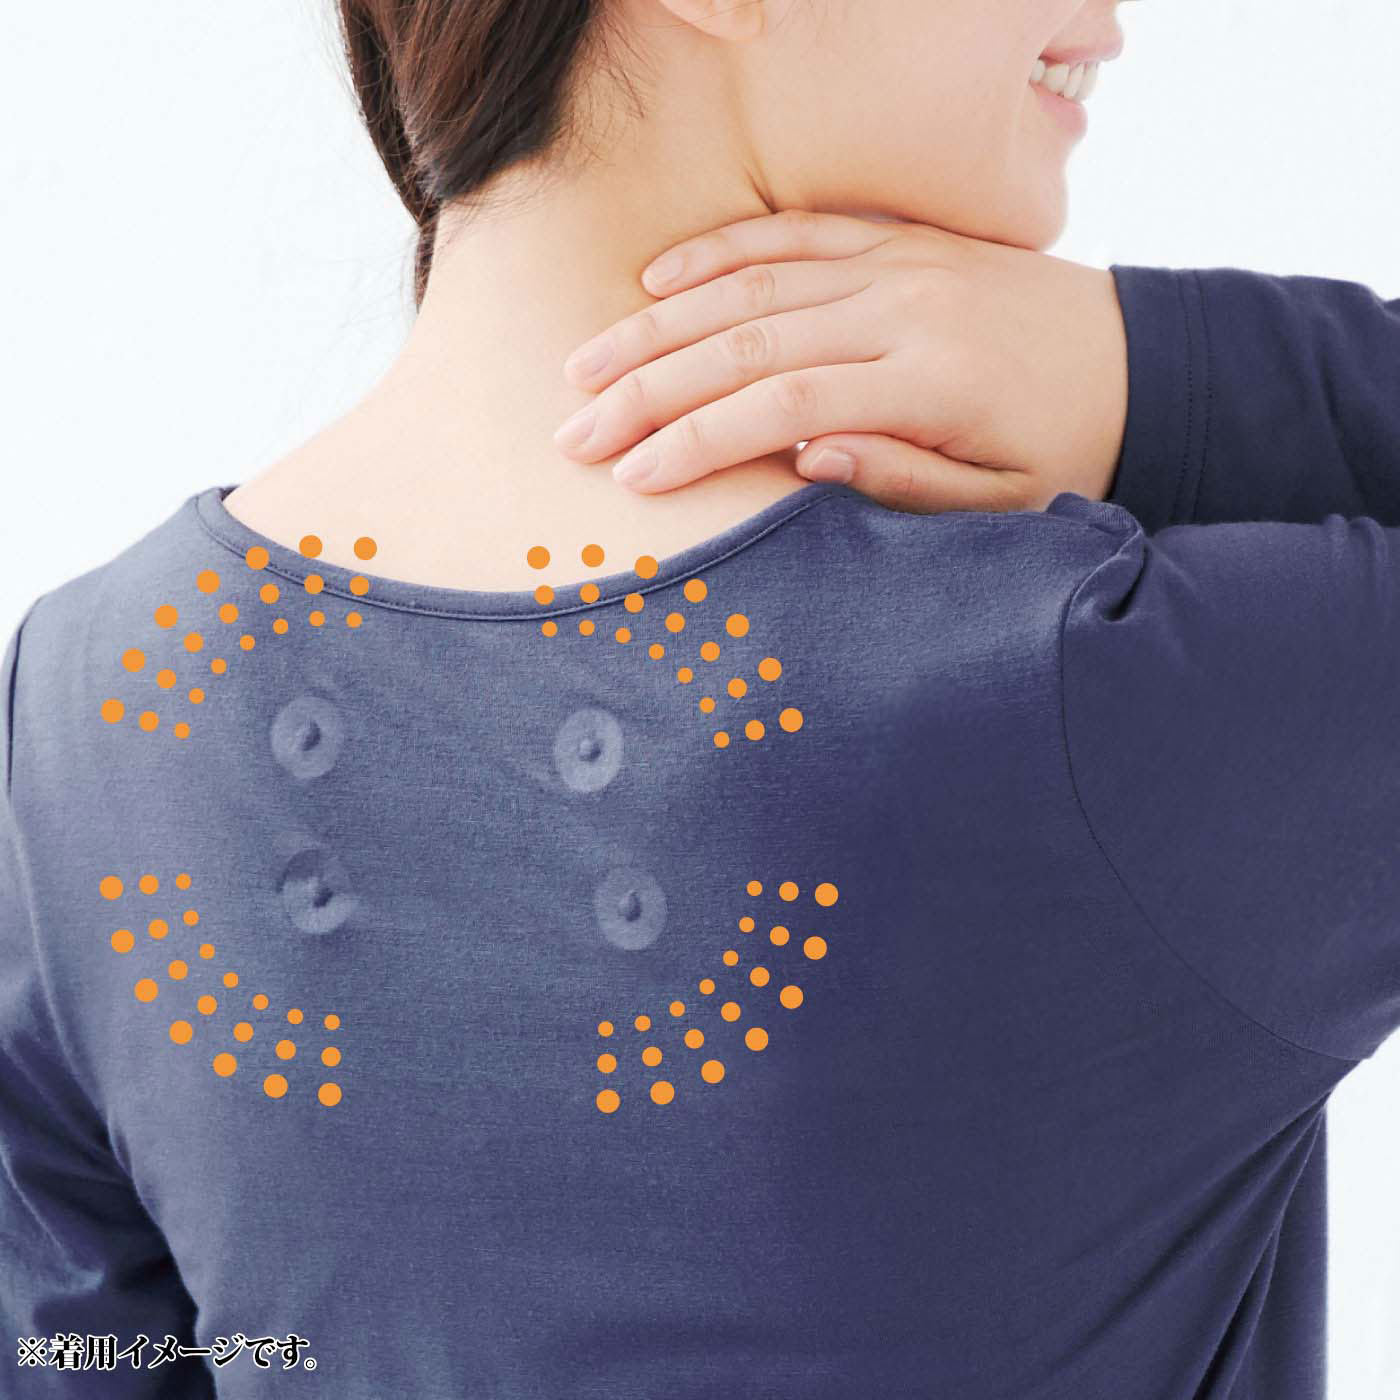 肩甲骨まわりに磁石が4ヵ所。着るだけで血行促進、コリを改善。